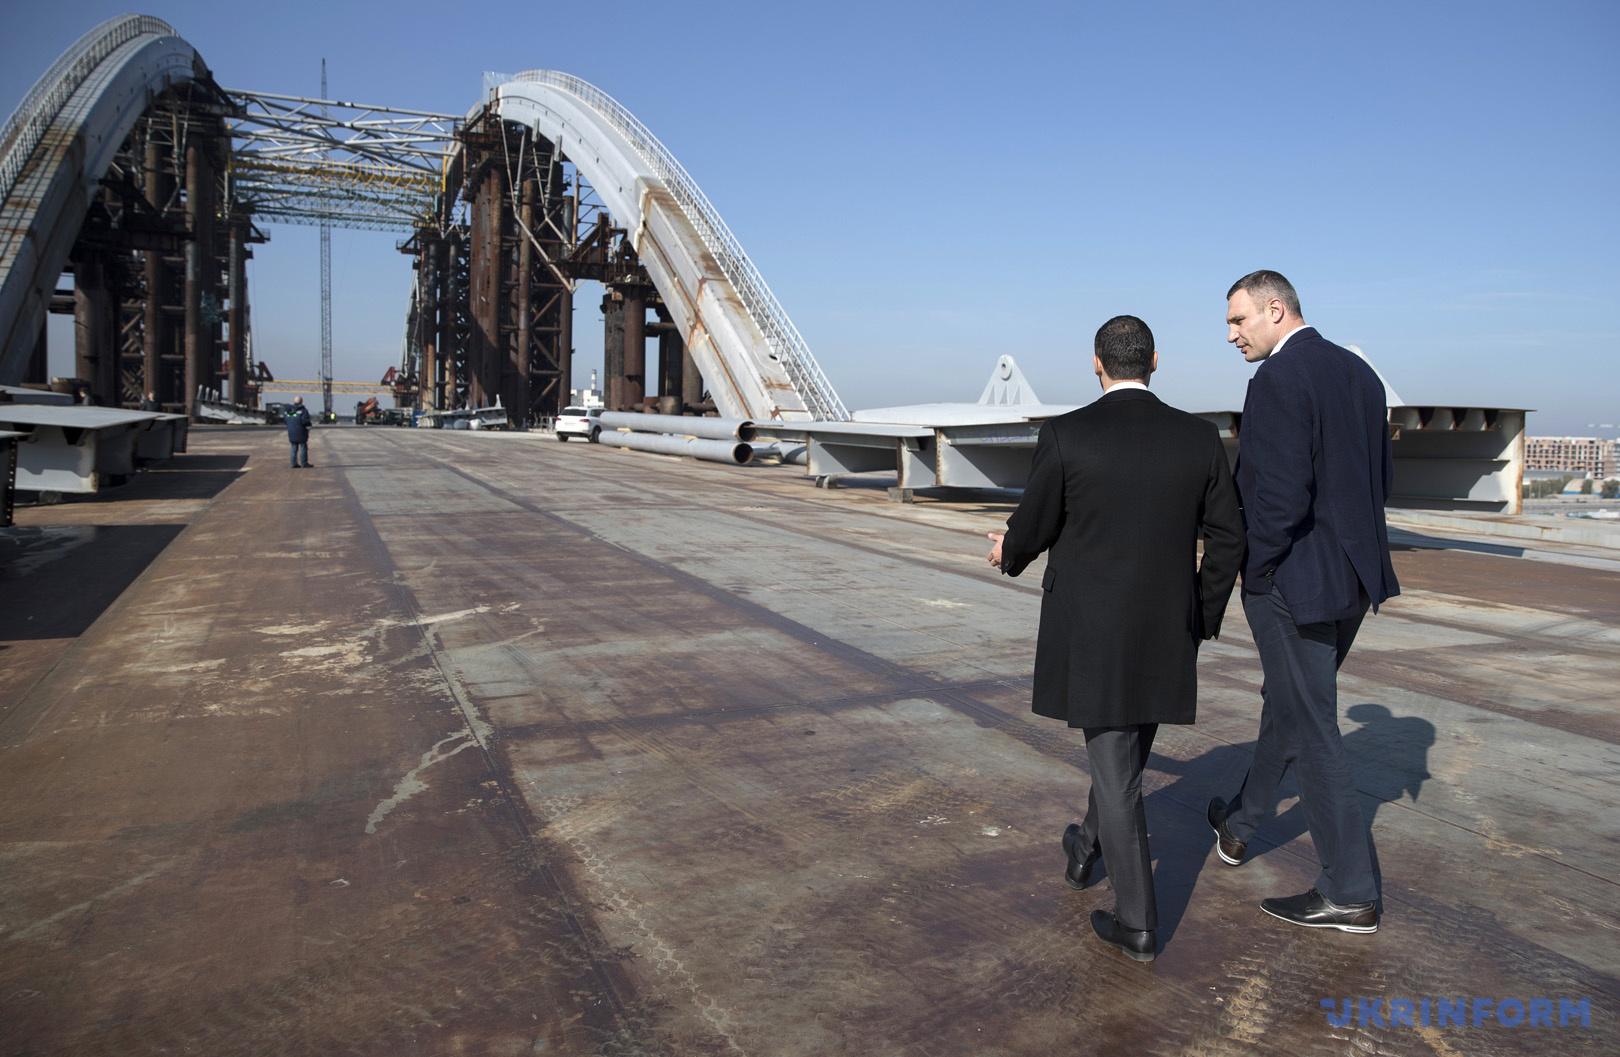 Віталій Кличко проінспектував хід будівництва Подільського мостового переходу / Фото: Андрій Скакодуб, Укрінформ